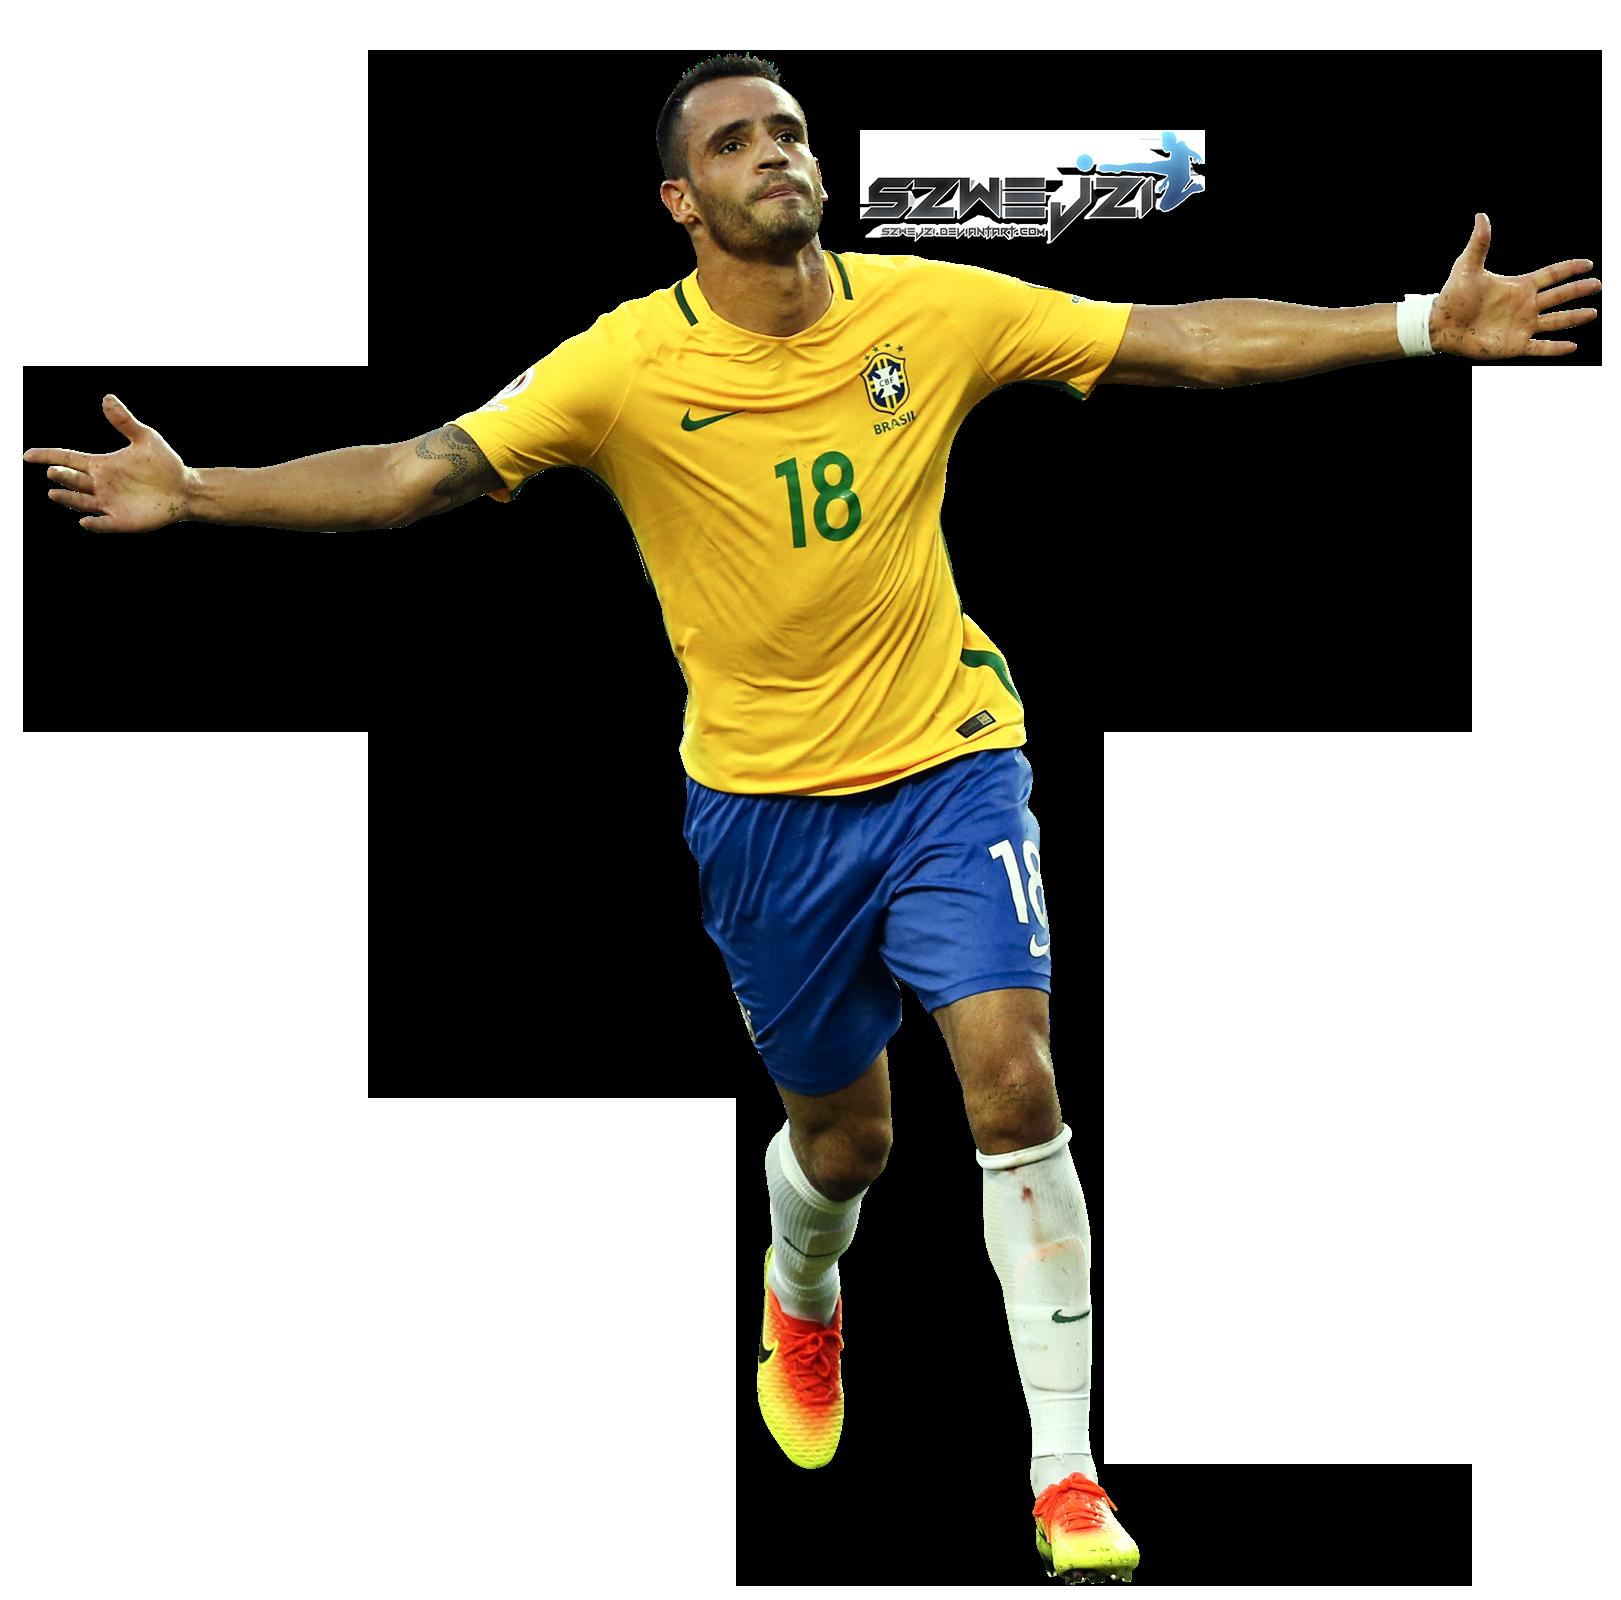 Brazil Renders By Szwejzi On DeviantArt